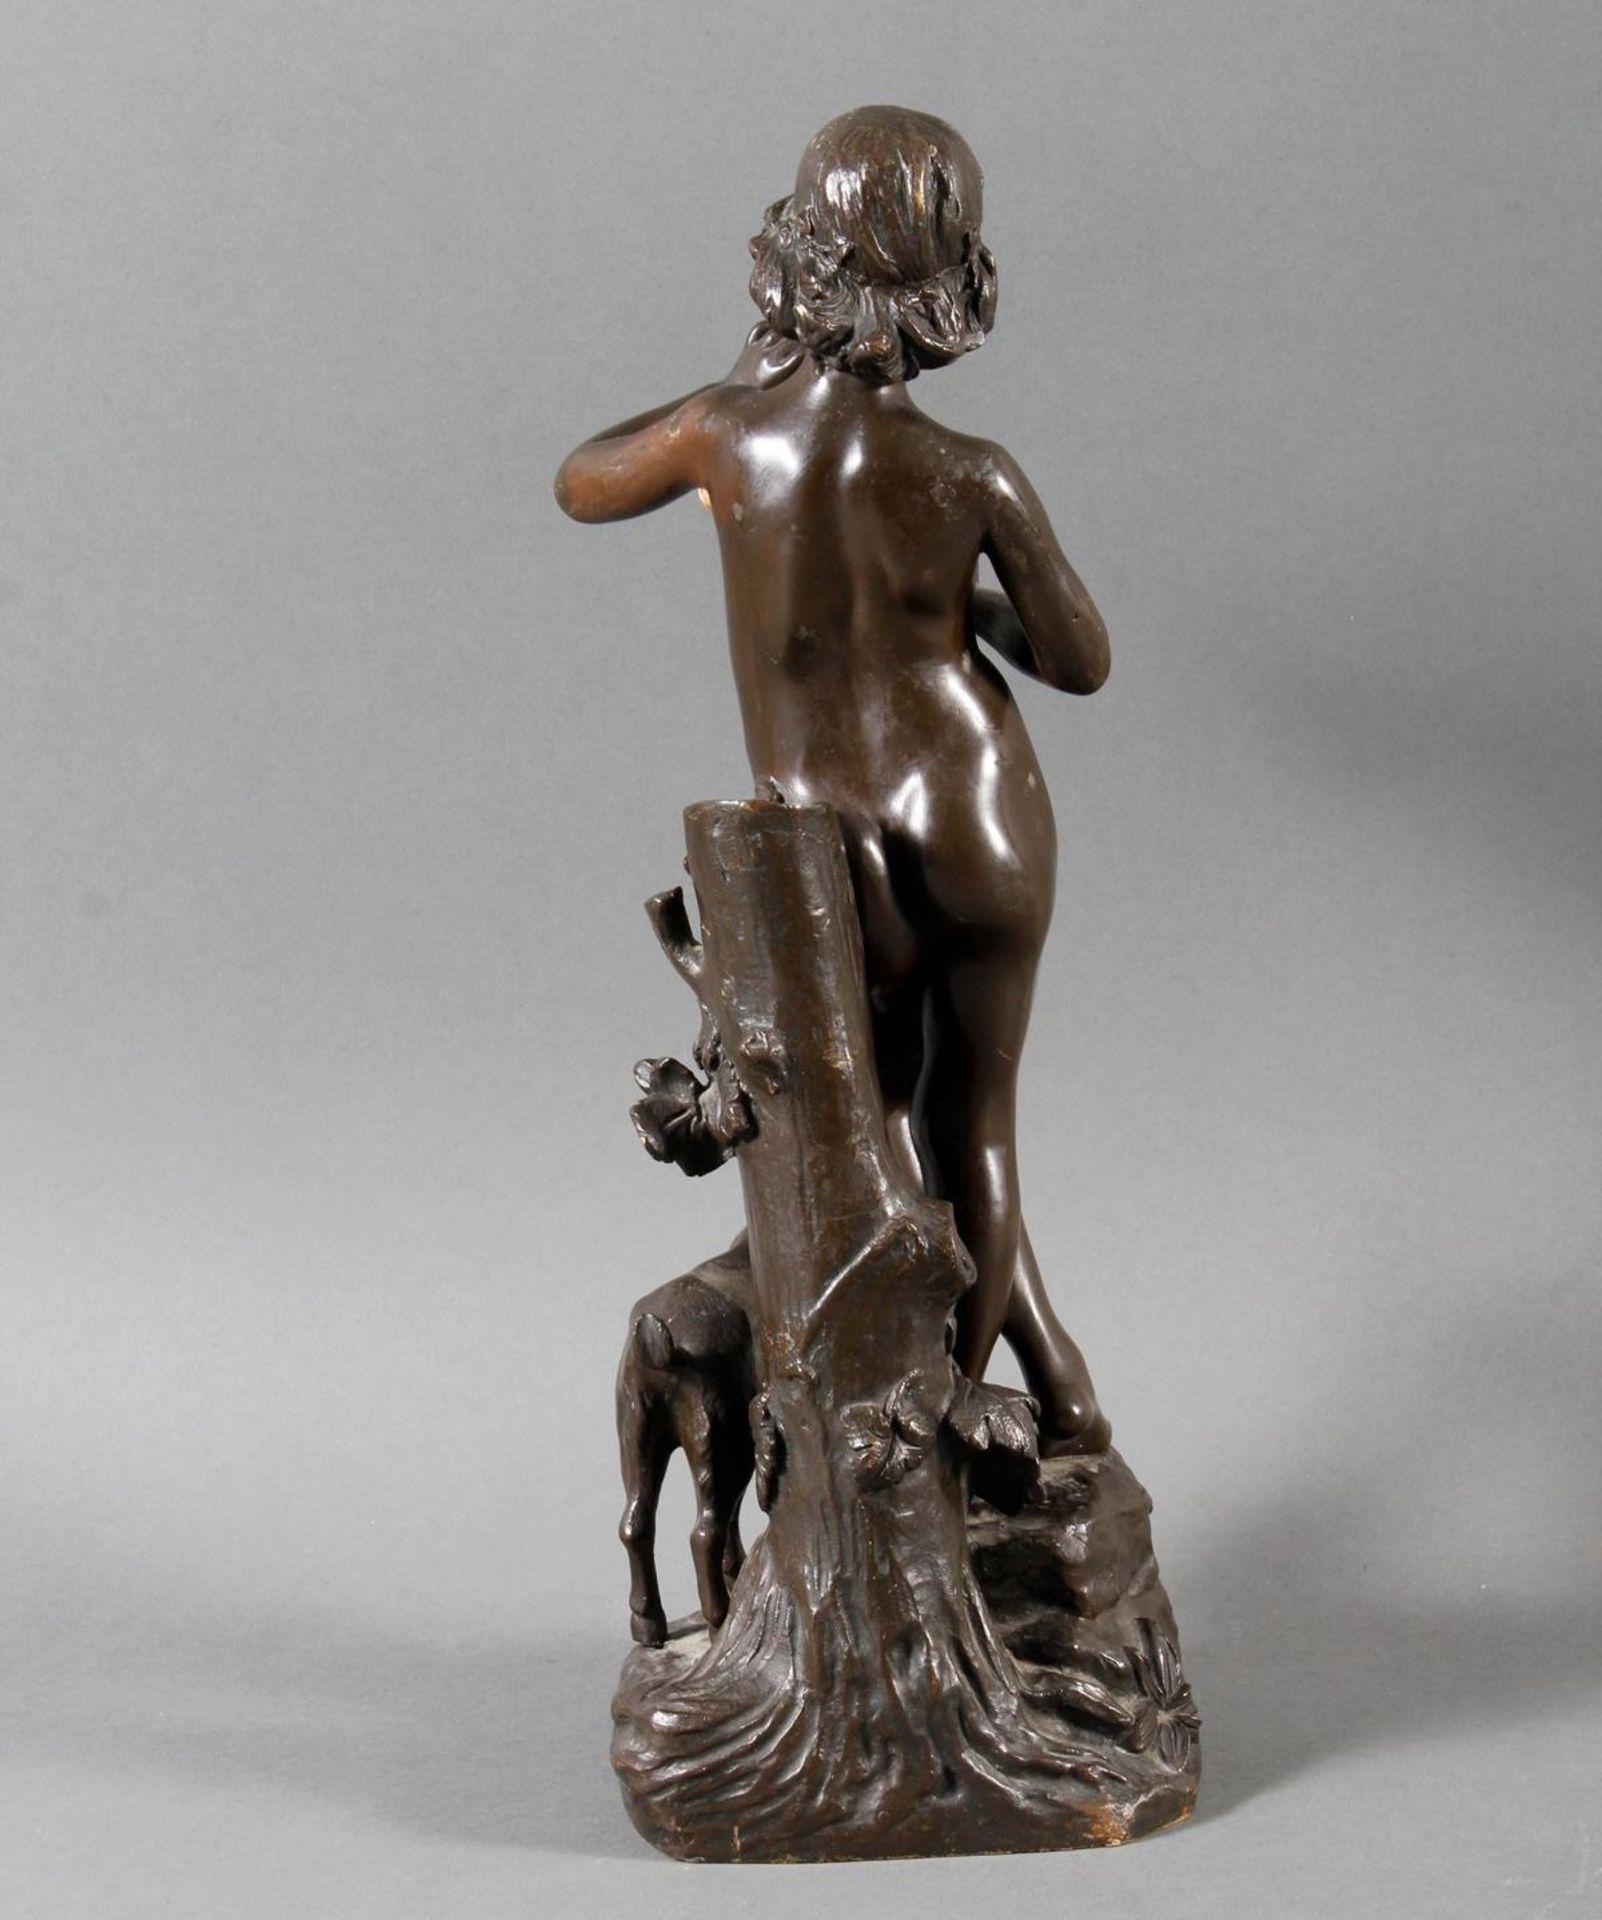 """Jugendstil Bronze """"Idylle"""" Frankreich um 1900 .Akt eines Flötenspielenden Hirtenjungen mit Ziege - Bild 3 aus 7"""